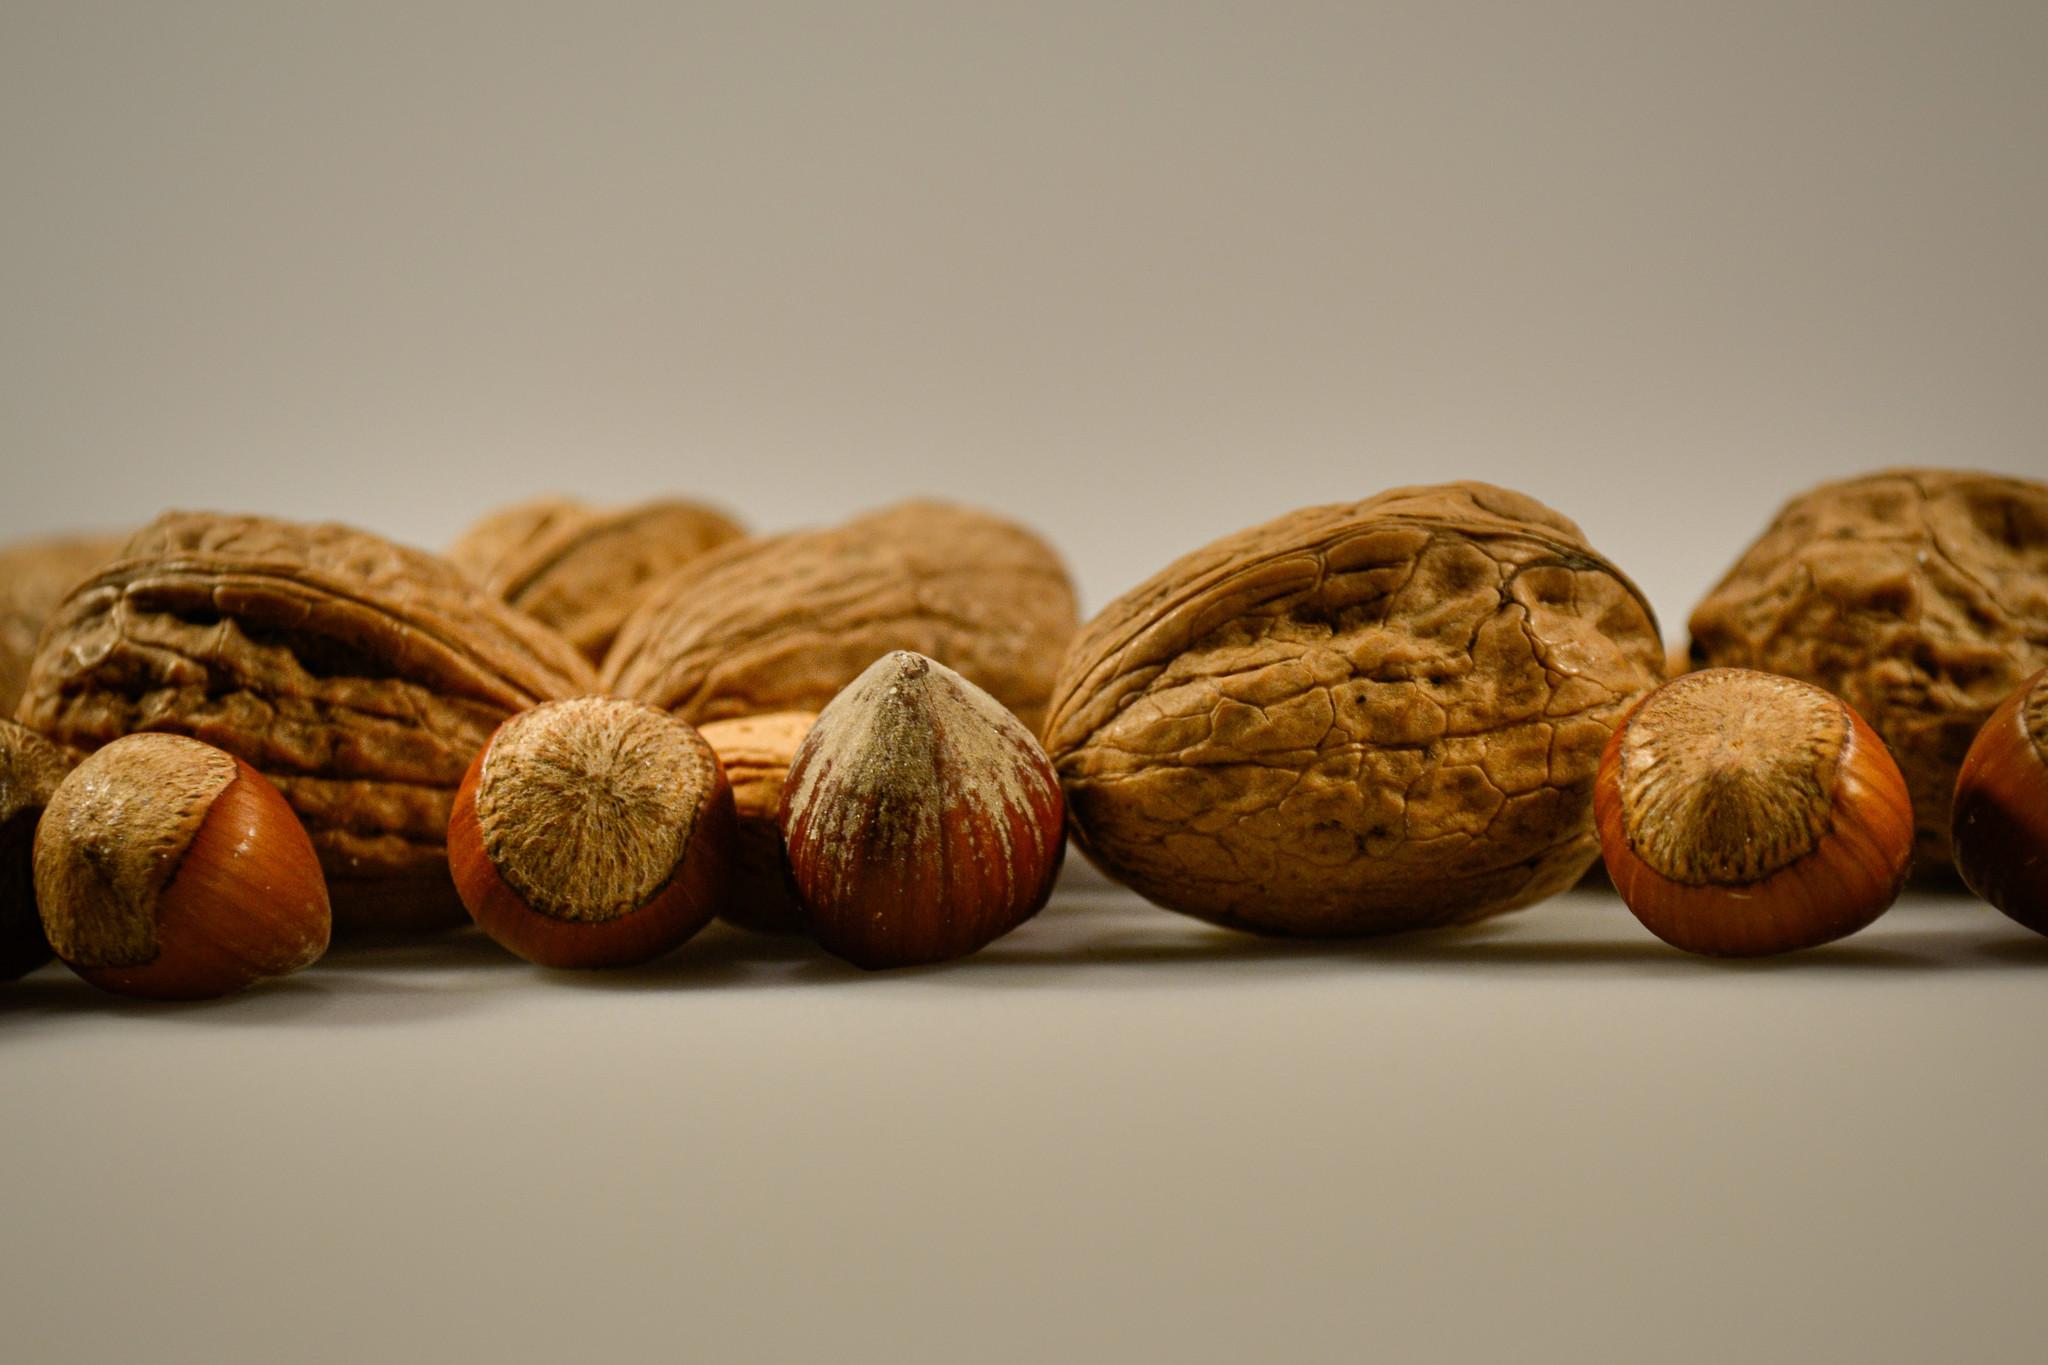 De walnoot in een notendop